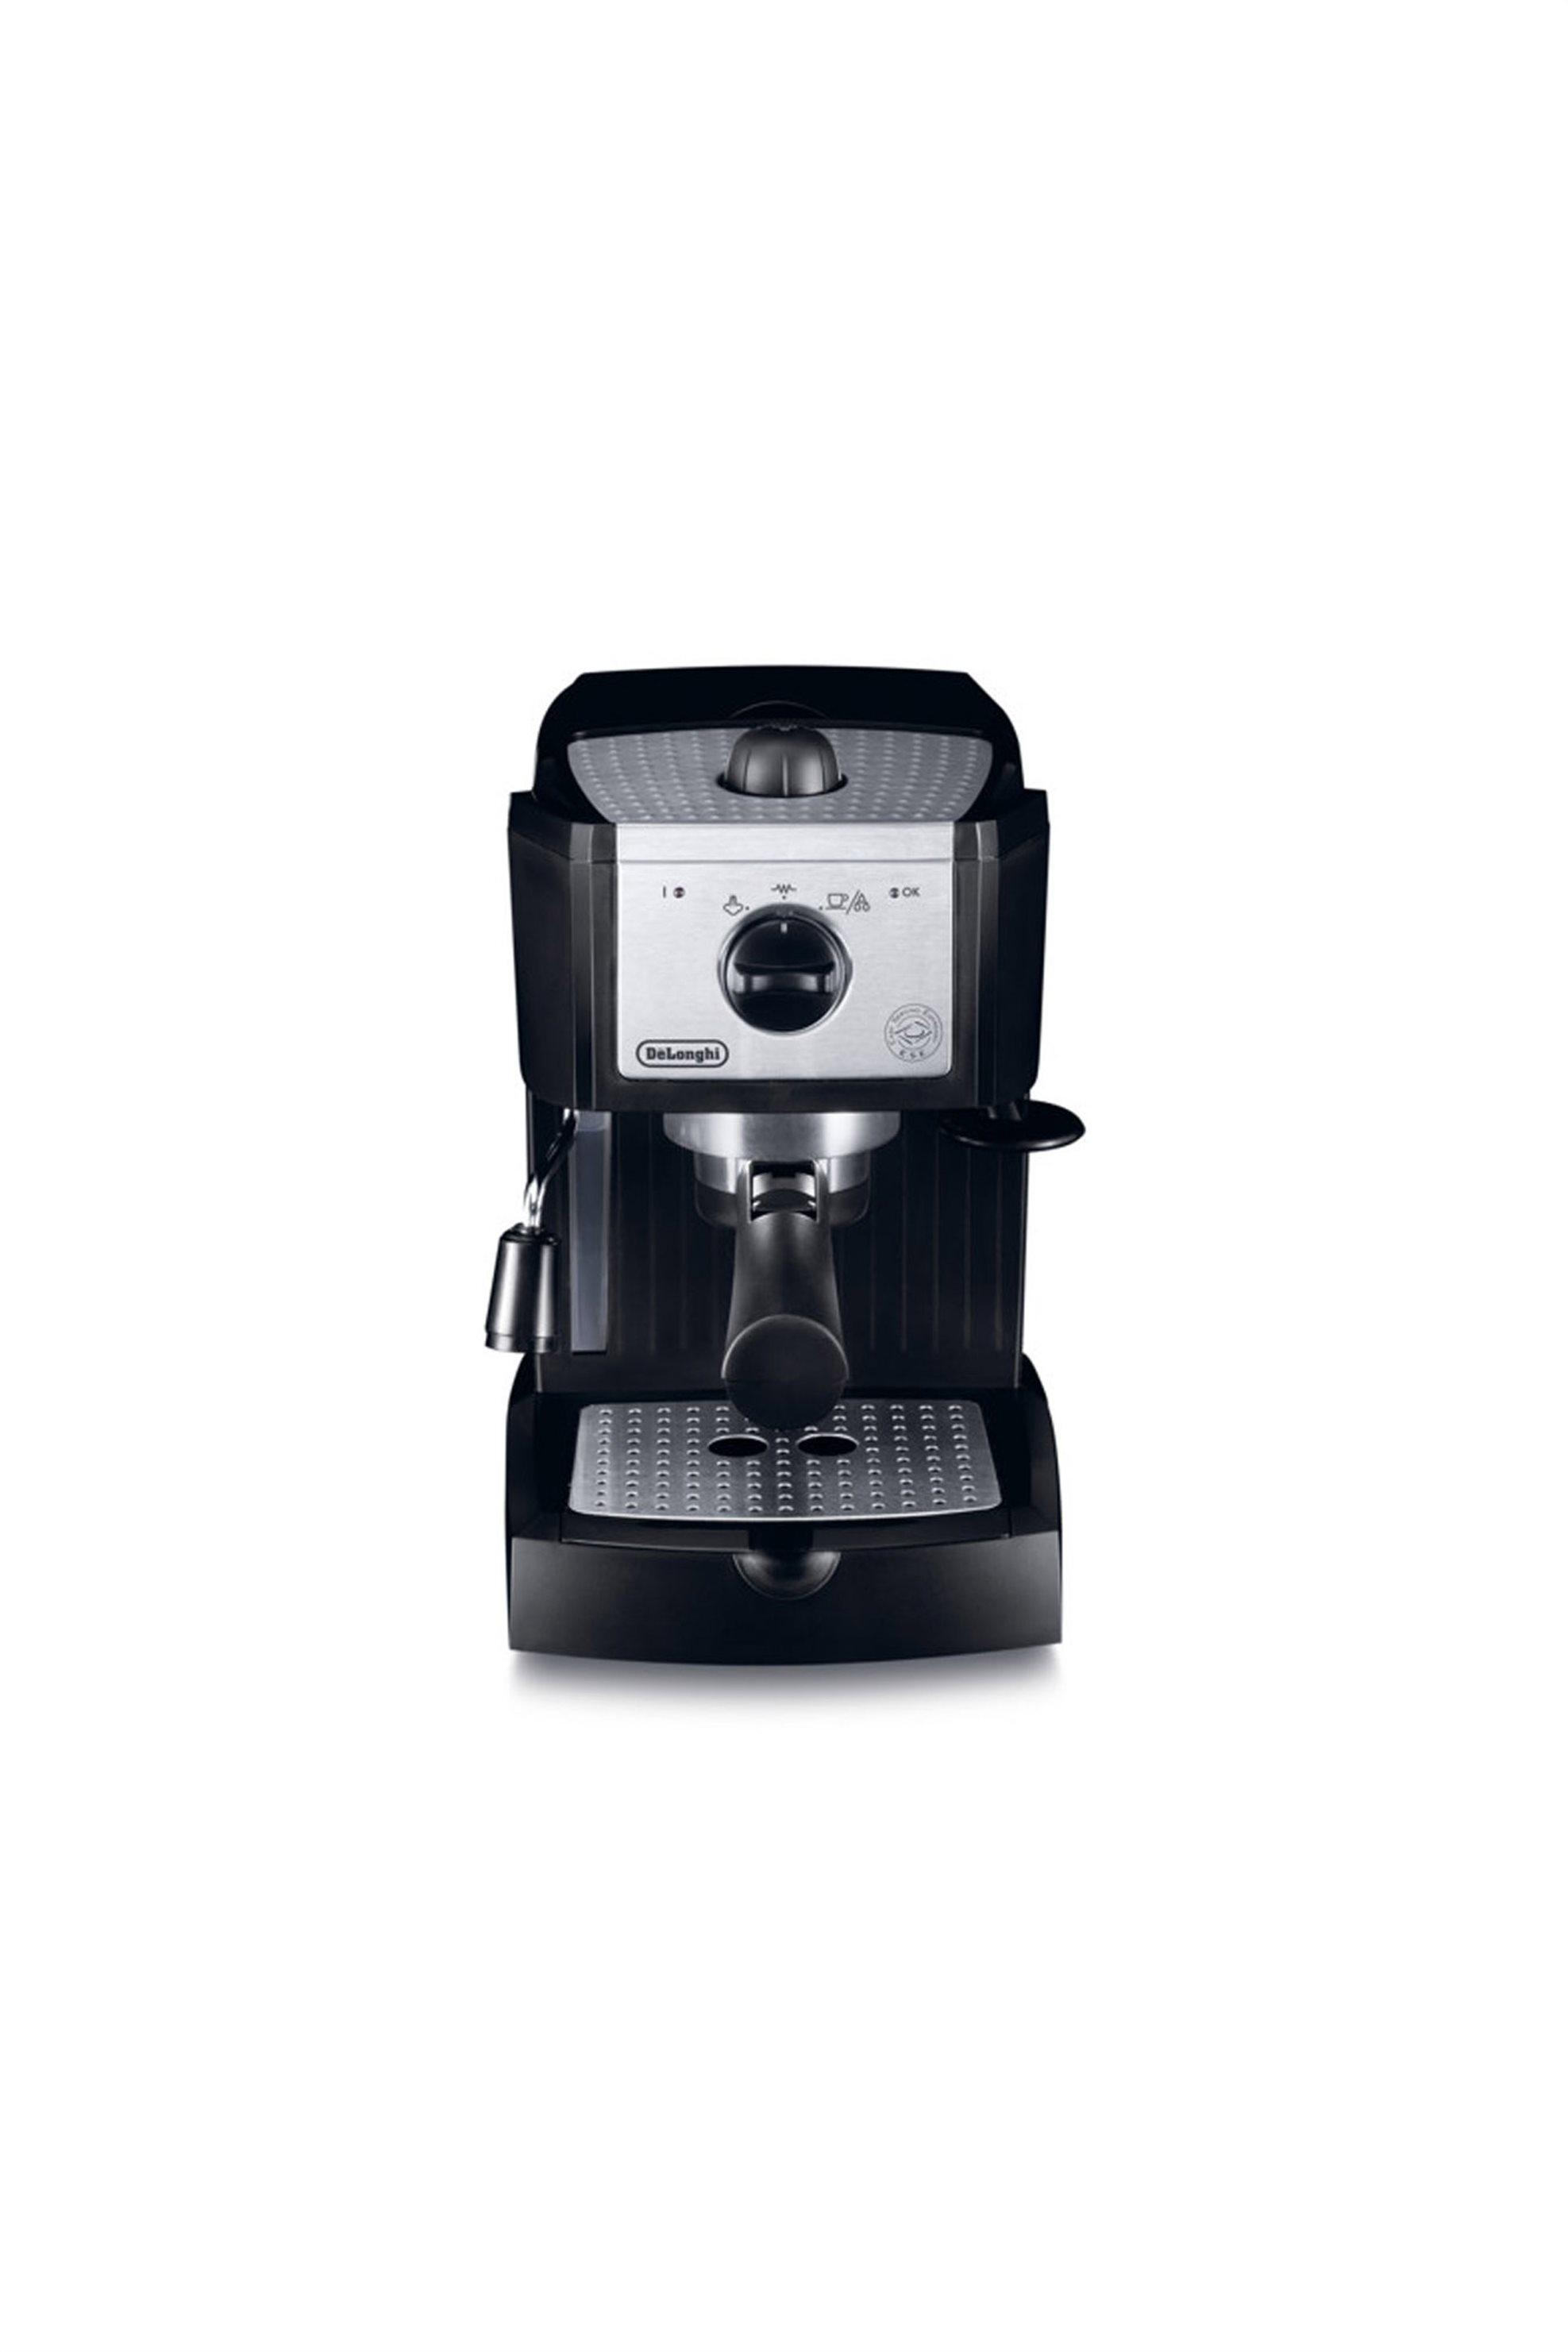 Μηχανή espresso capuccino EC 156.B De'Longhi - 0132104134 home   μικρεσ οικιακεσ συσκευεσ   καφετιέρες   μηχανές espresso